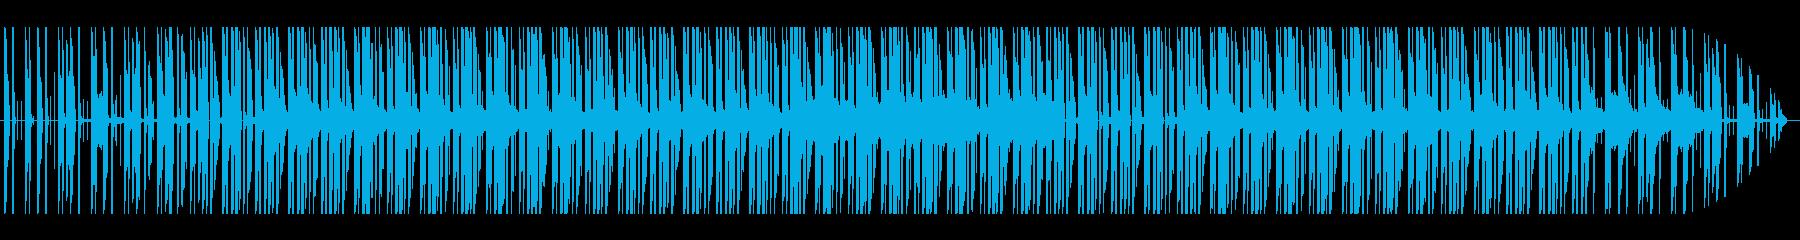 怪しい感じのサウンドの再生済みの波形